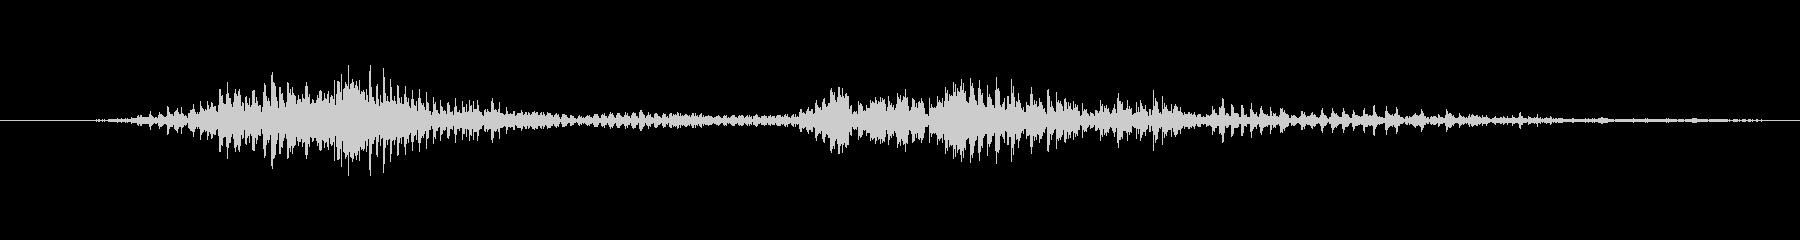 鳴き声 男性の呪い悪01の未再生の波形